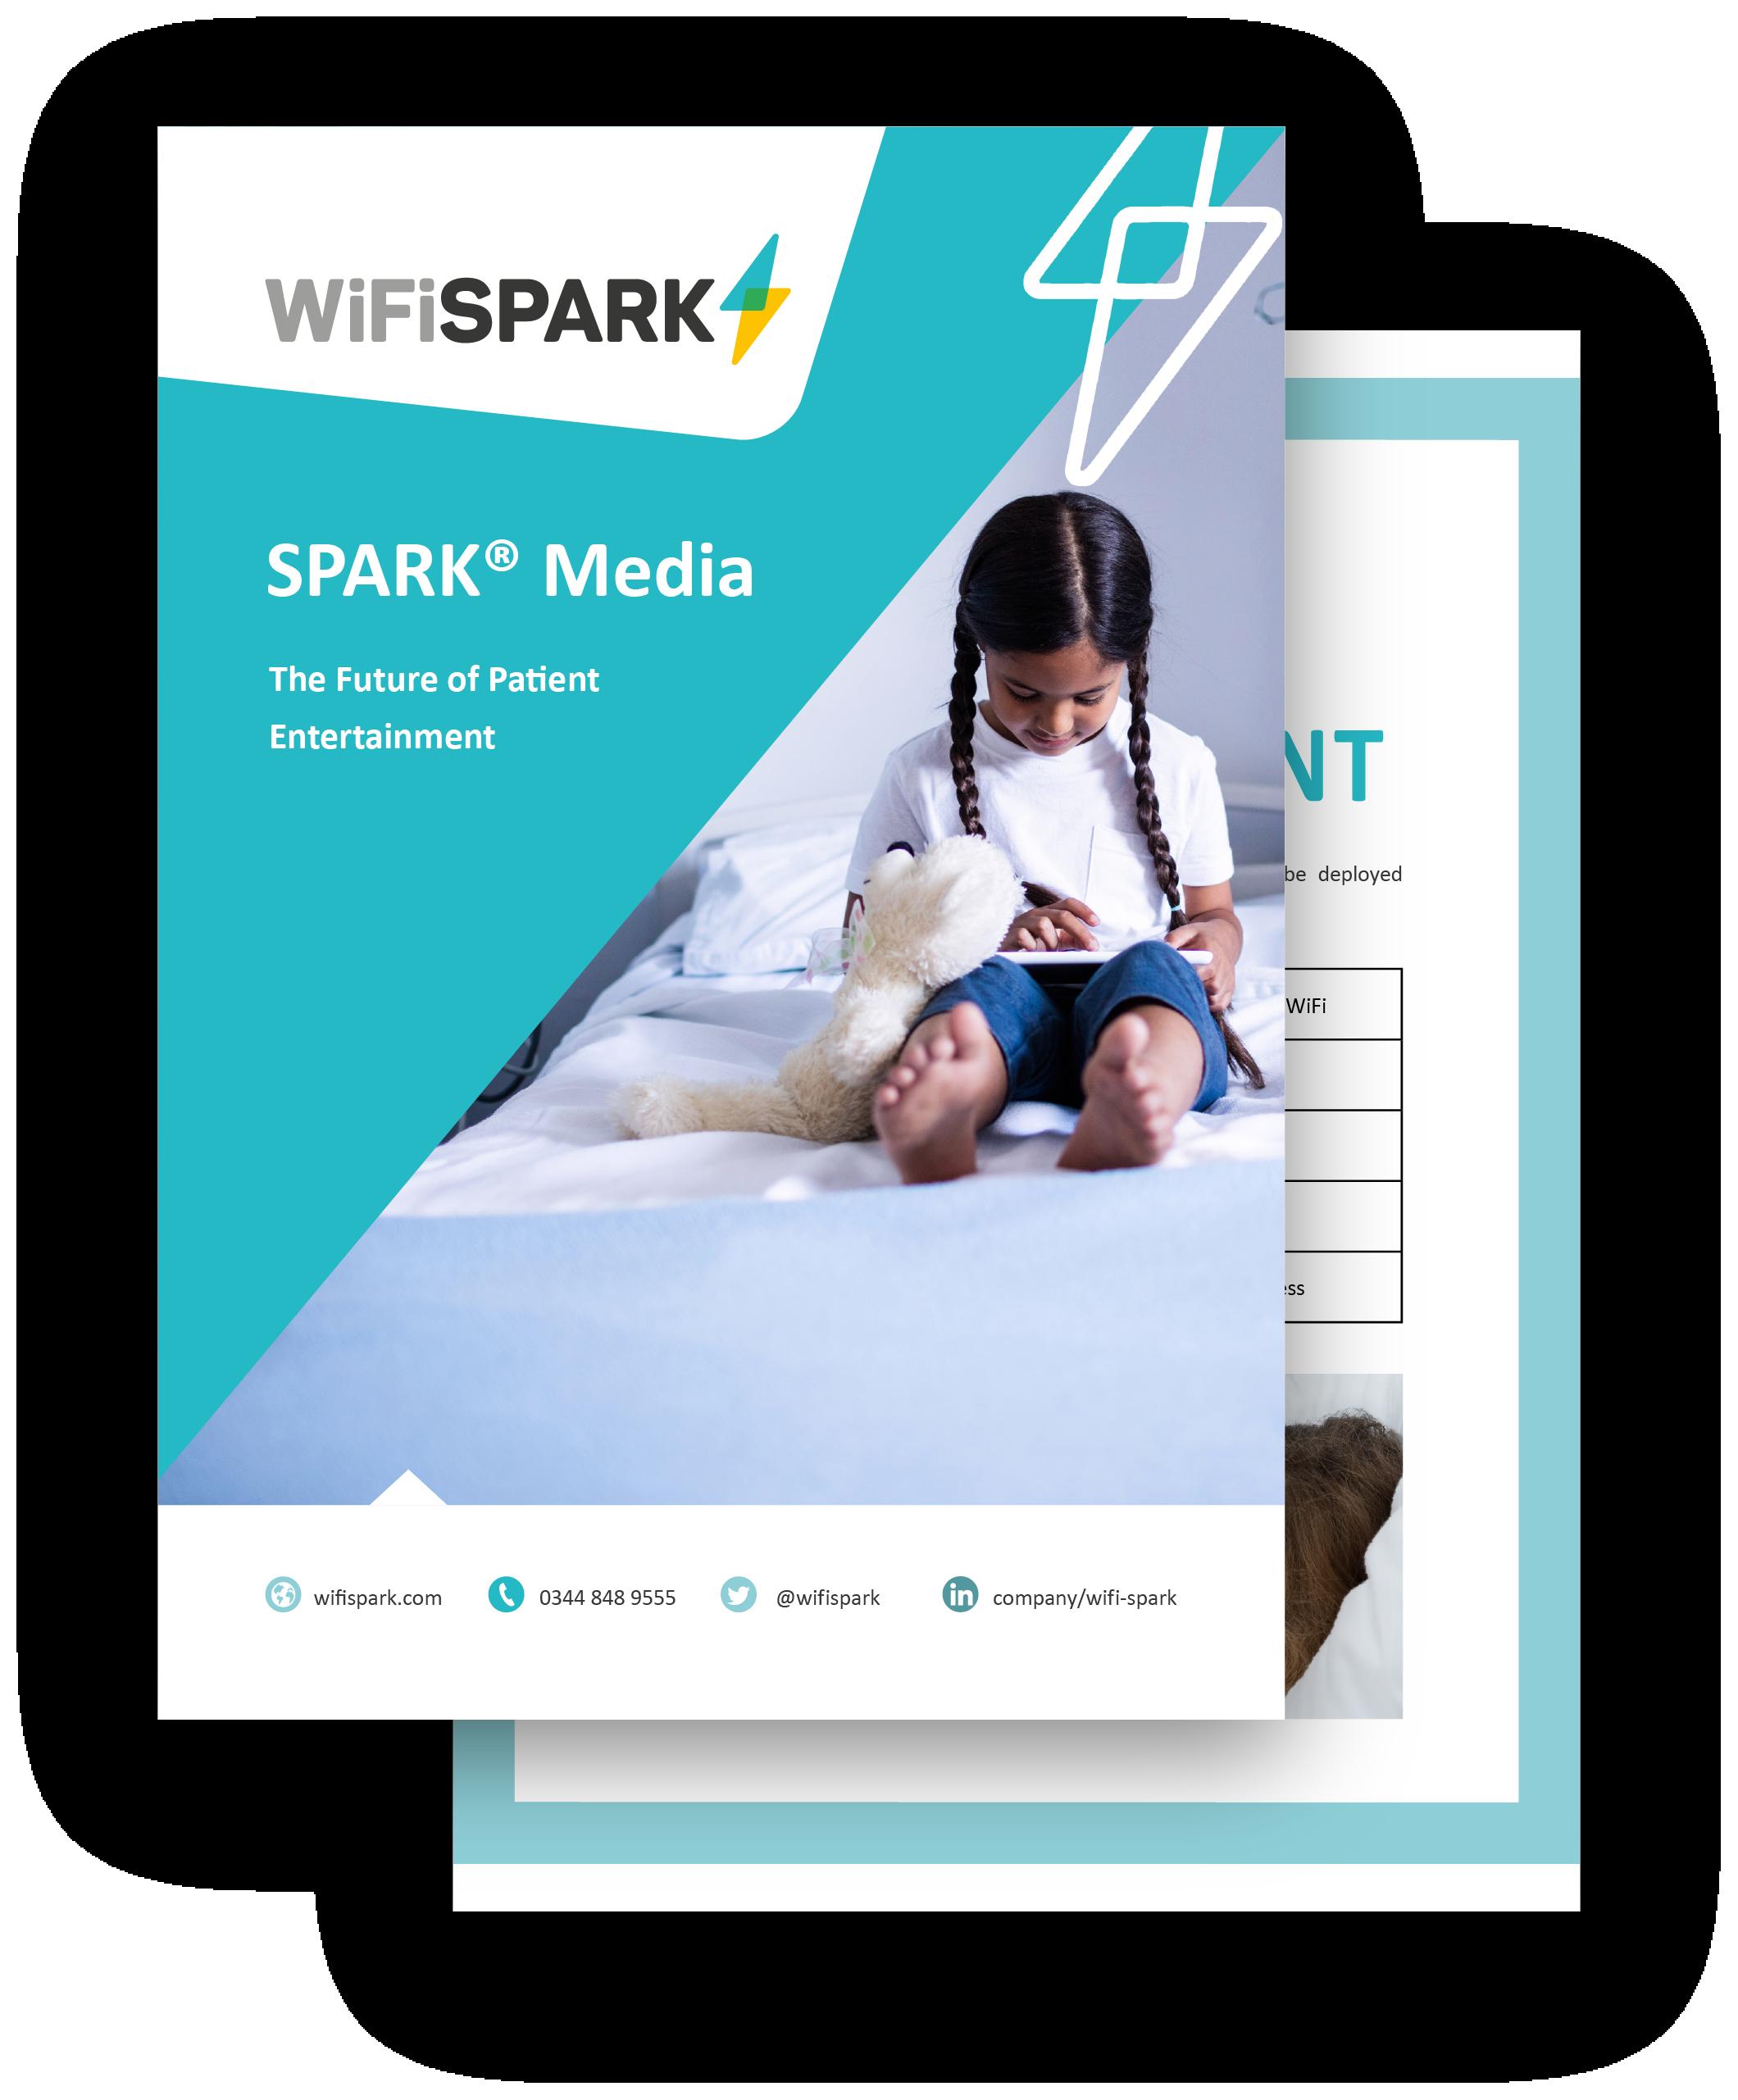 WiFi_Spark_Media_LP